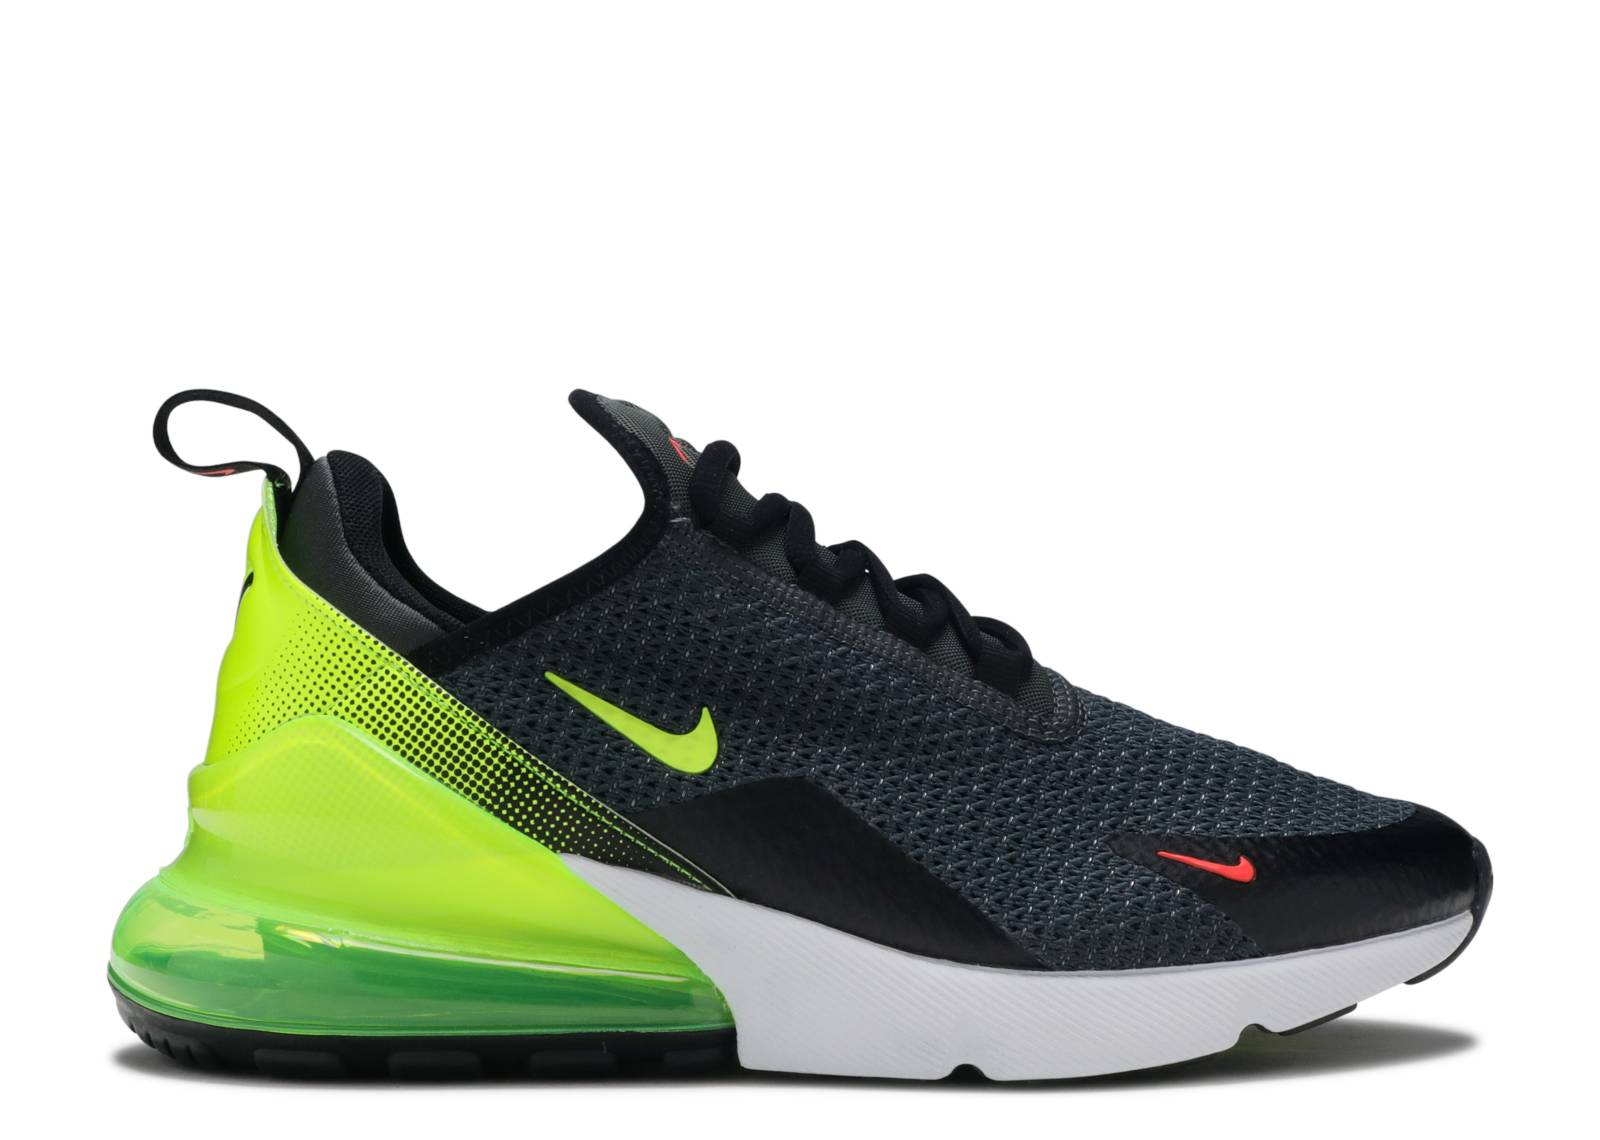 promo code 74dbf 59c7d Nike Air Max 270